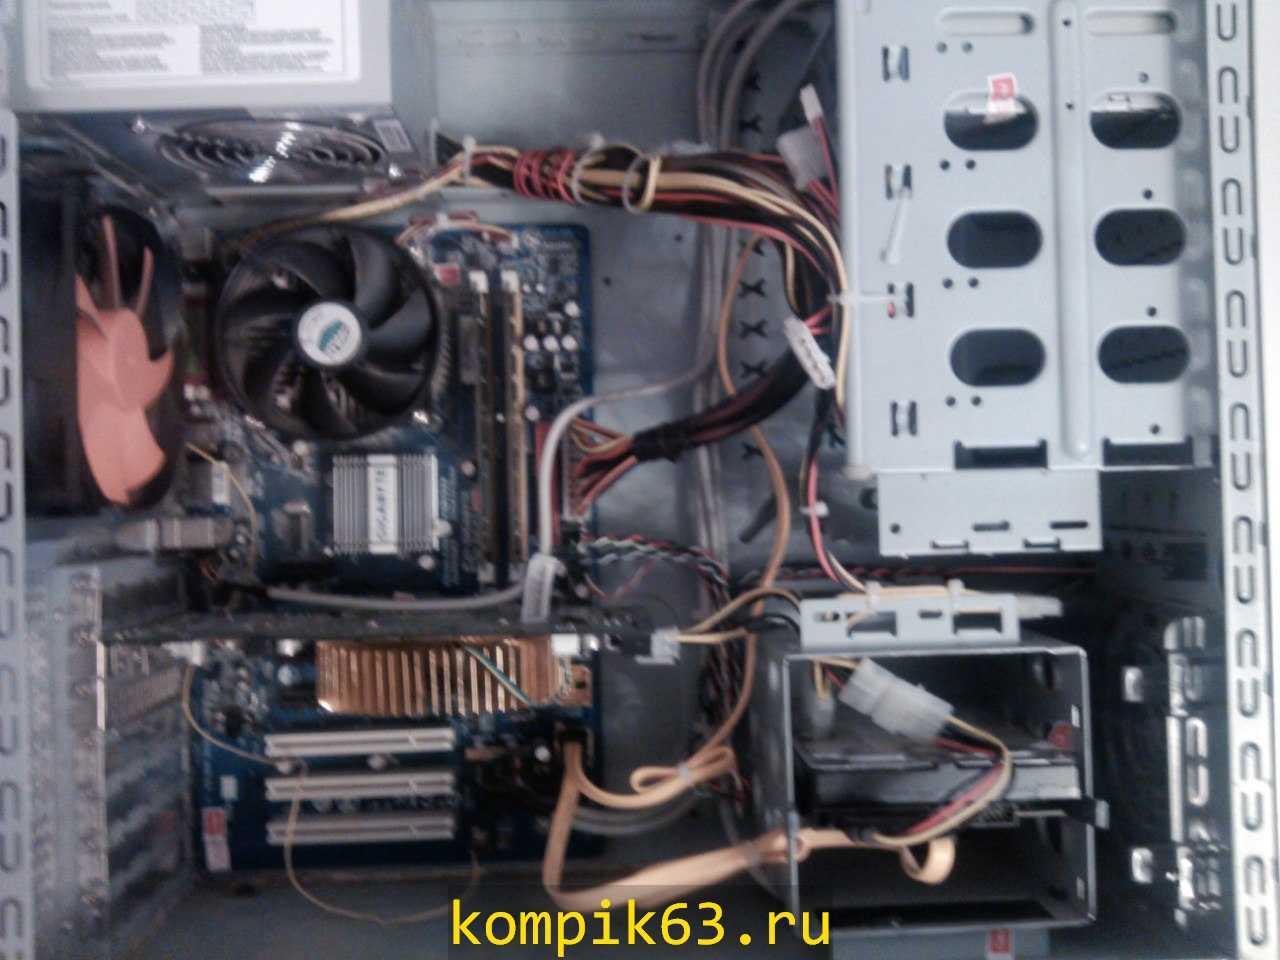 kompik63.ru-080